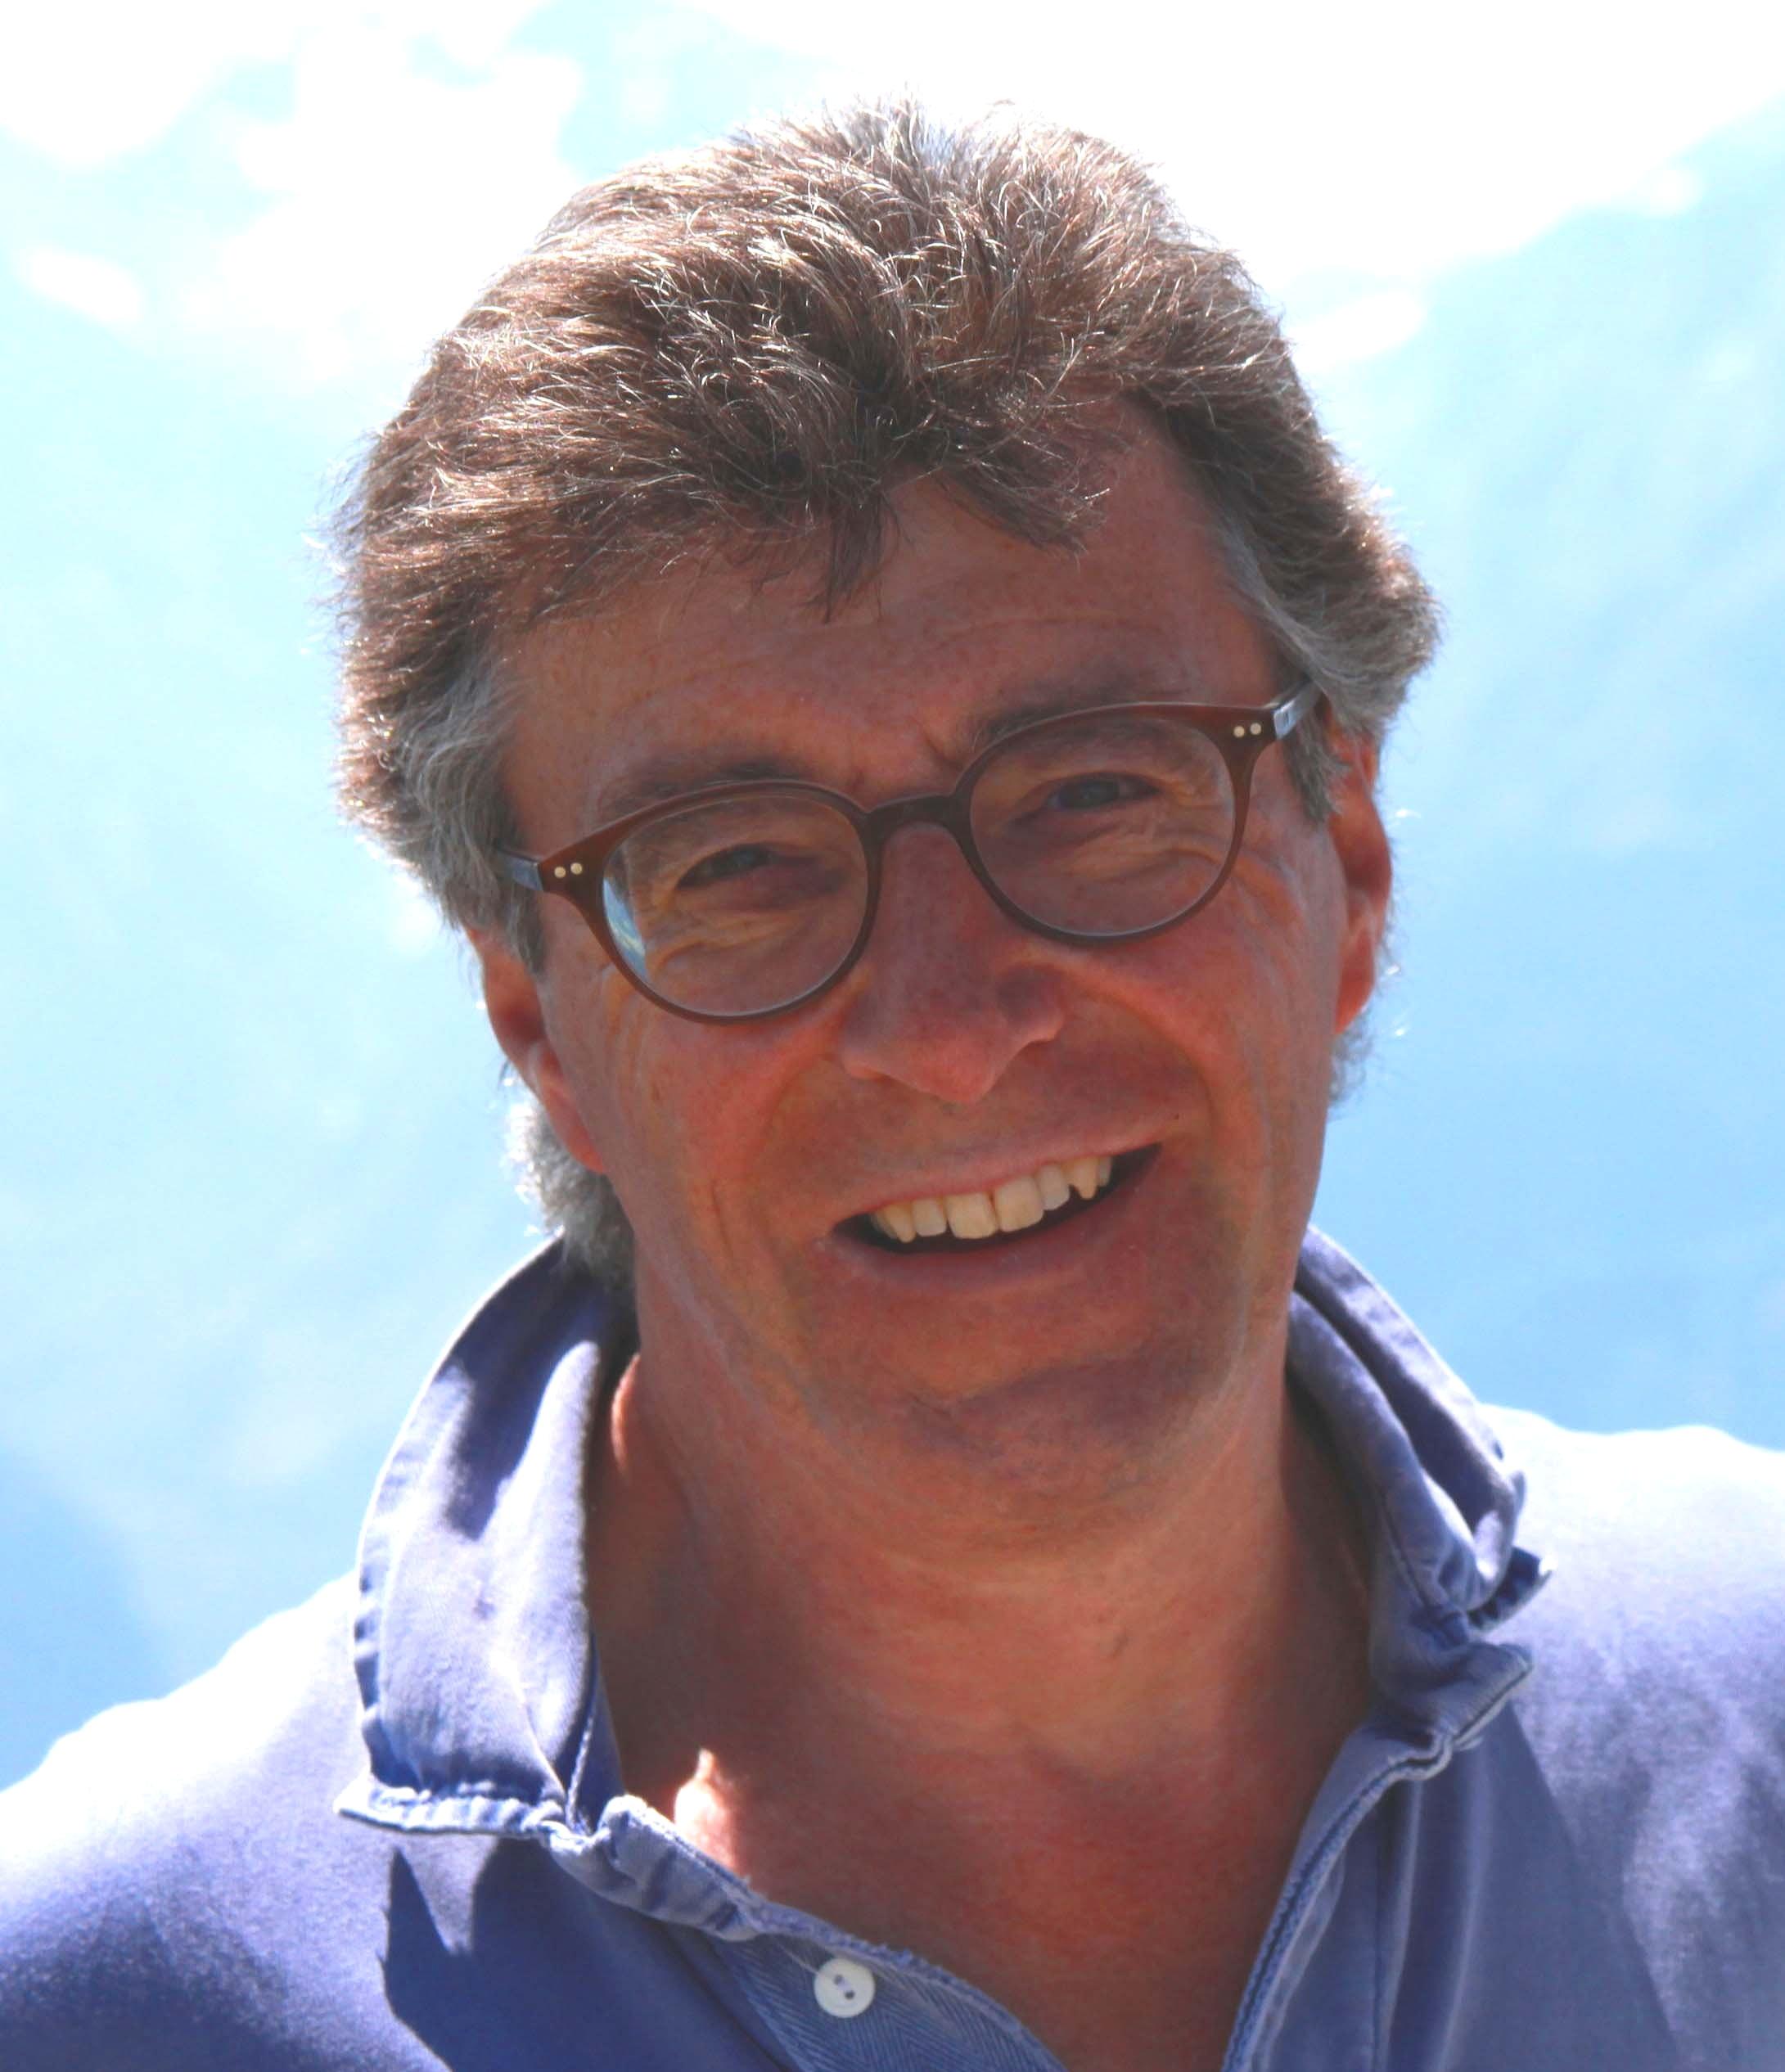 Ian Burnham